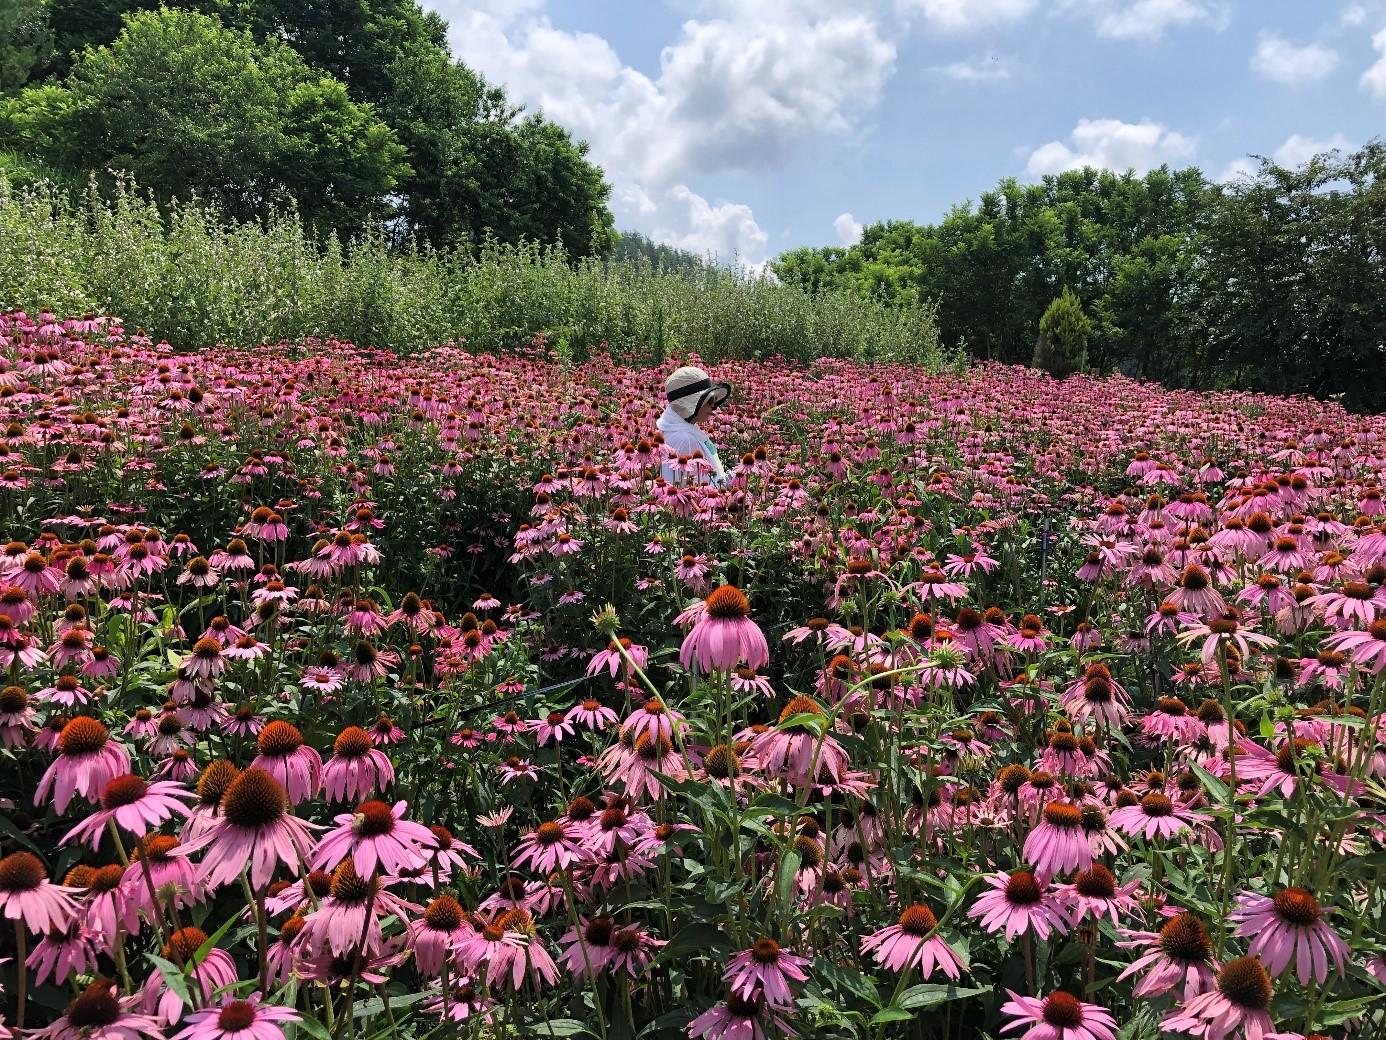 夏限定!一面に広がるエキナセアの花